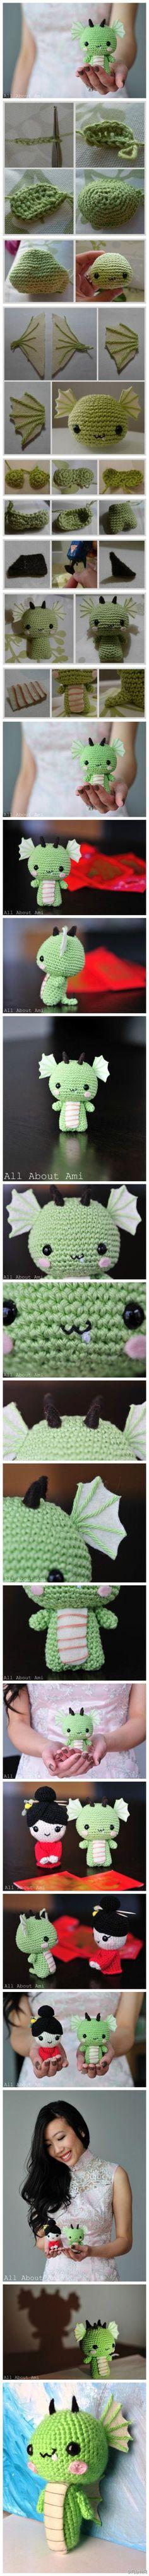 手工 生活 艺术 钩针 钩花,Crochet Crafts for Kids, Free Printable Crochet Projects, Crochet Patterns, Tutorial, crafts, wool crafts, cute , kawaii, craft, diy, needle crafts for kids, adorakble !!!